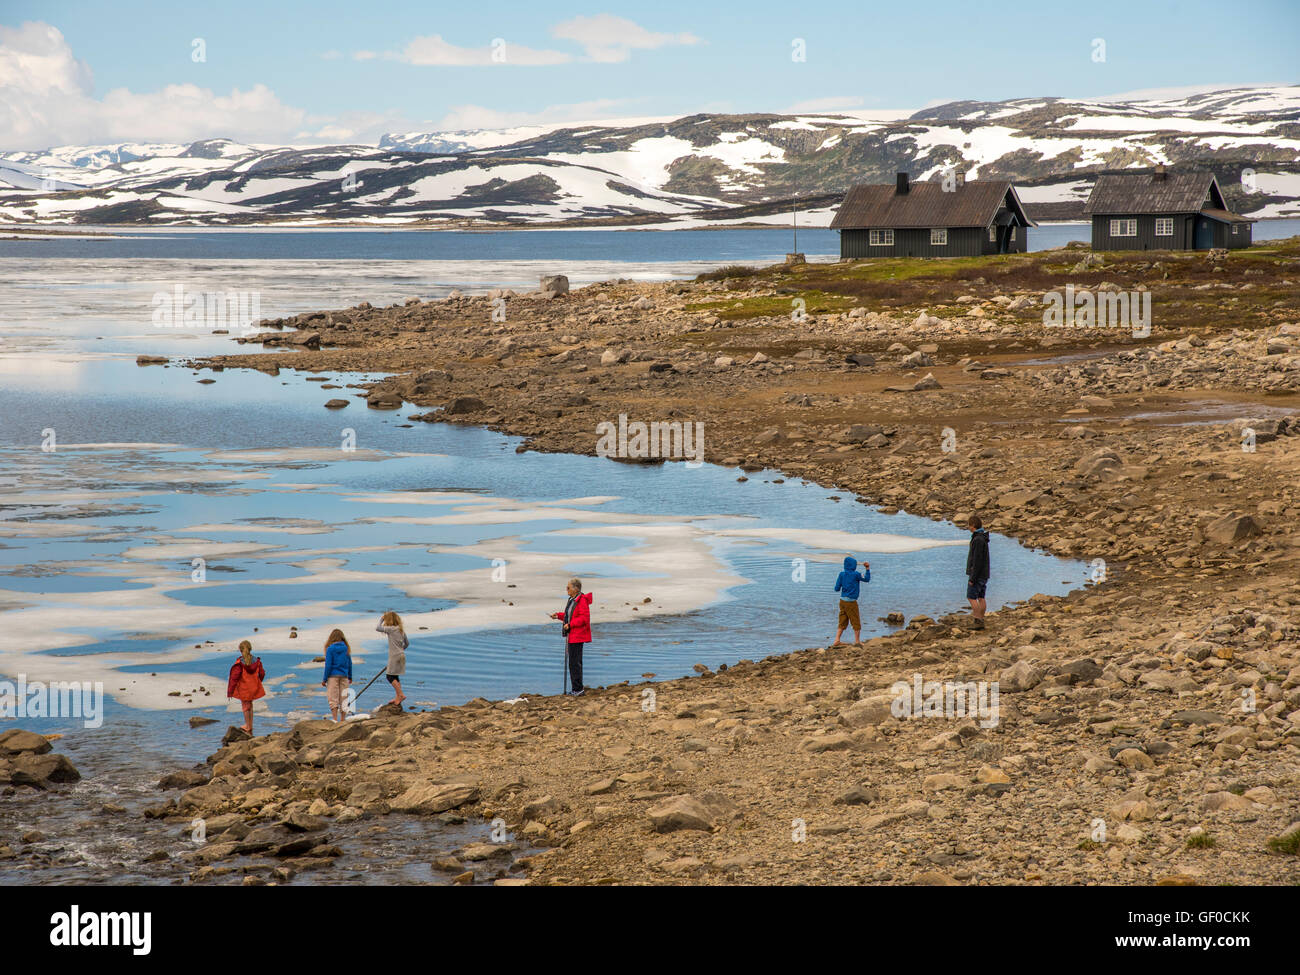 Per coloro che godono di Lago Orteren in primavera. Parco Nazionale di Hardangervidda, Norvegia Hordaland, Scandinavia, Immagini Stock